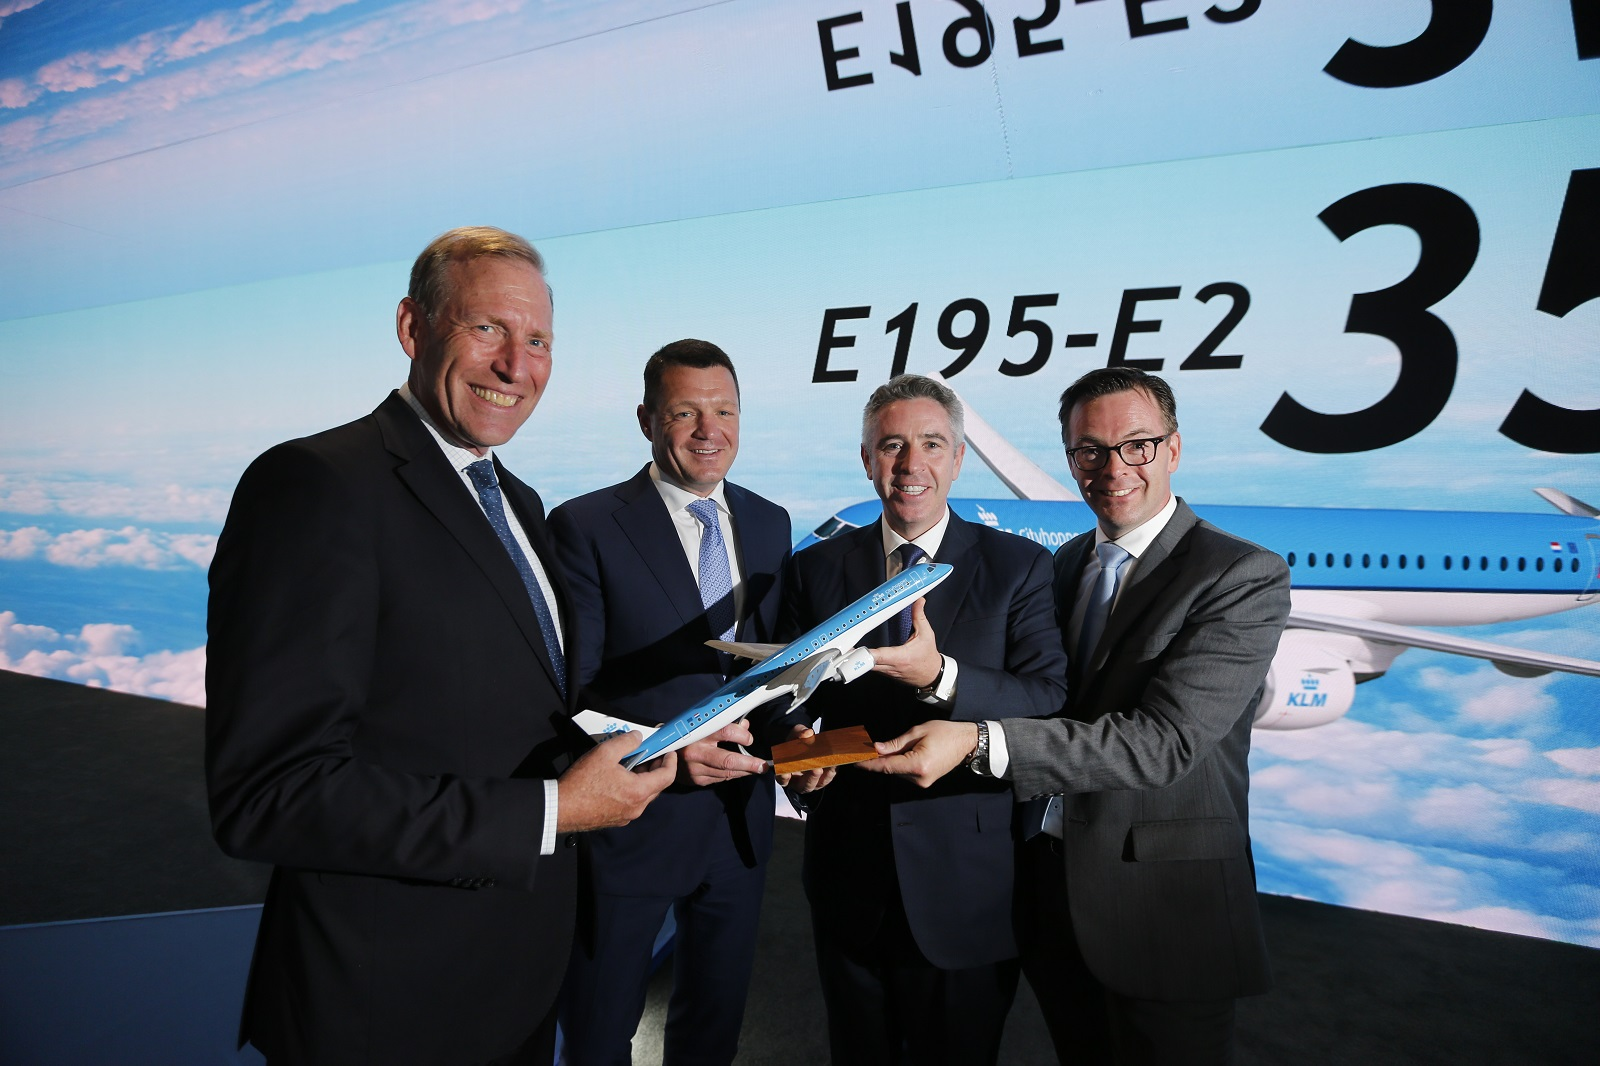 KLM confirma a Embraer el pedido inicial de 15 E195-E2 y ordena seis aviones más